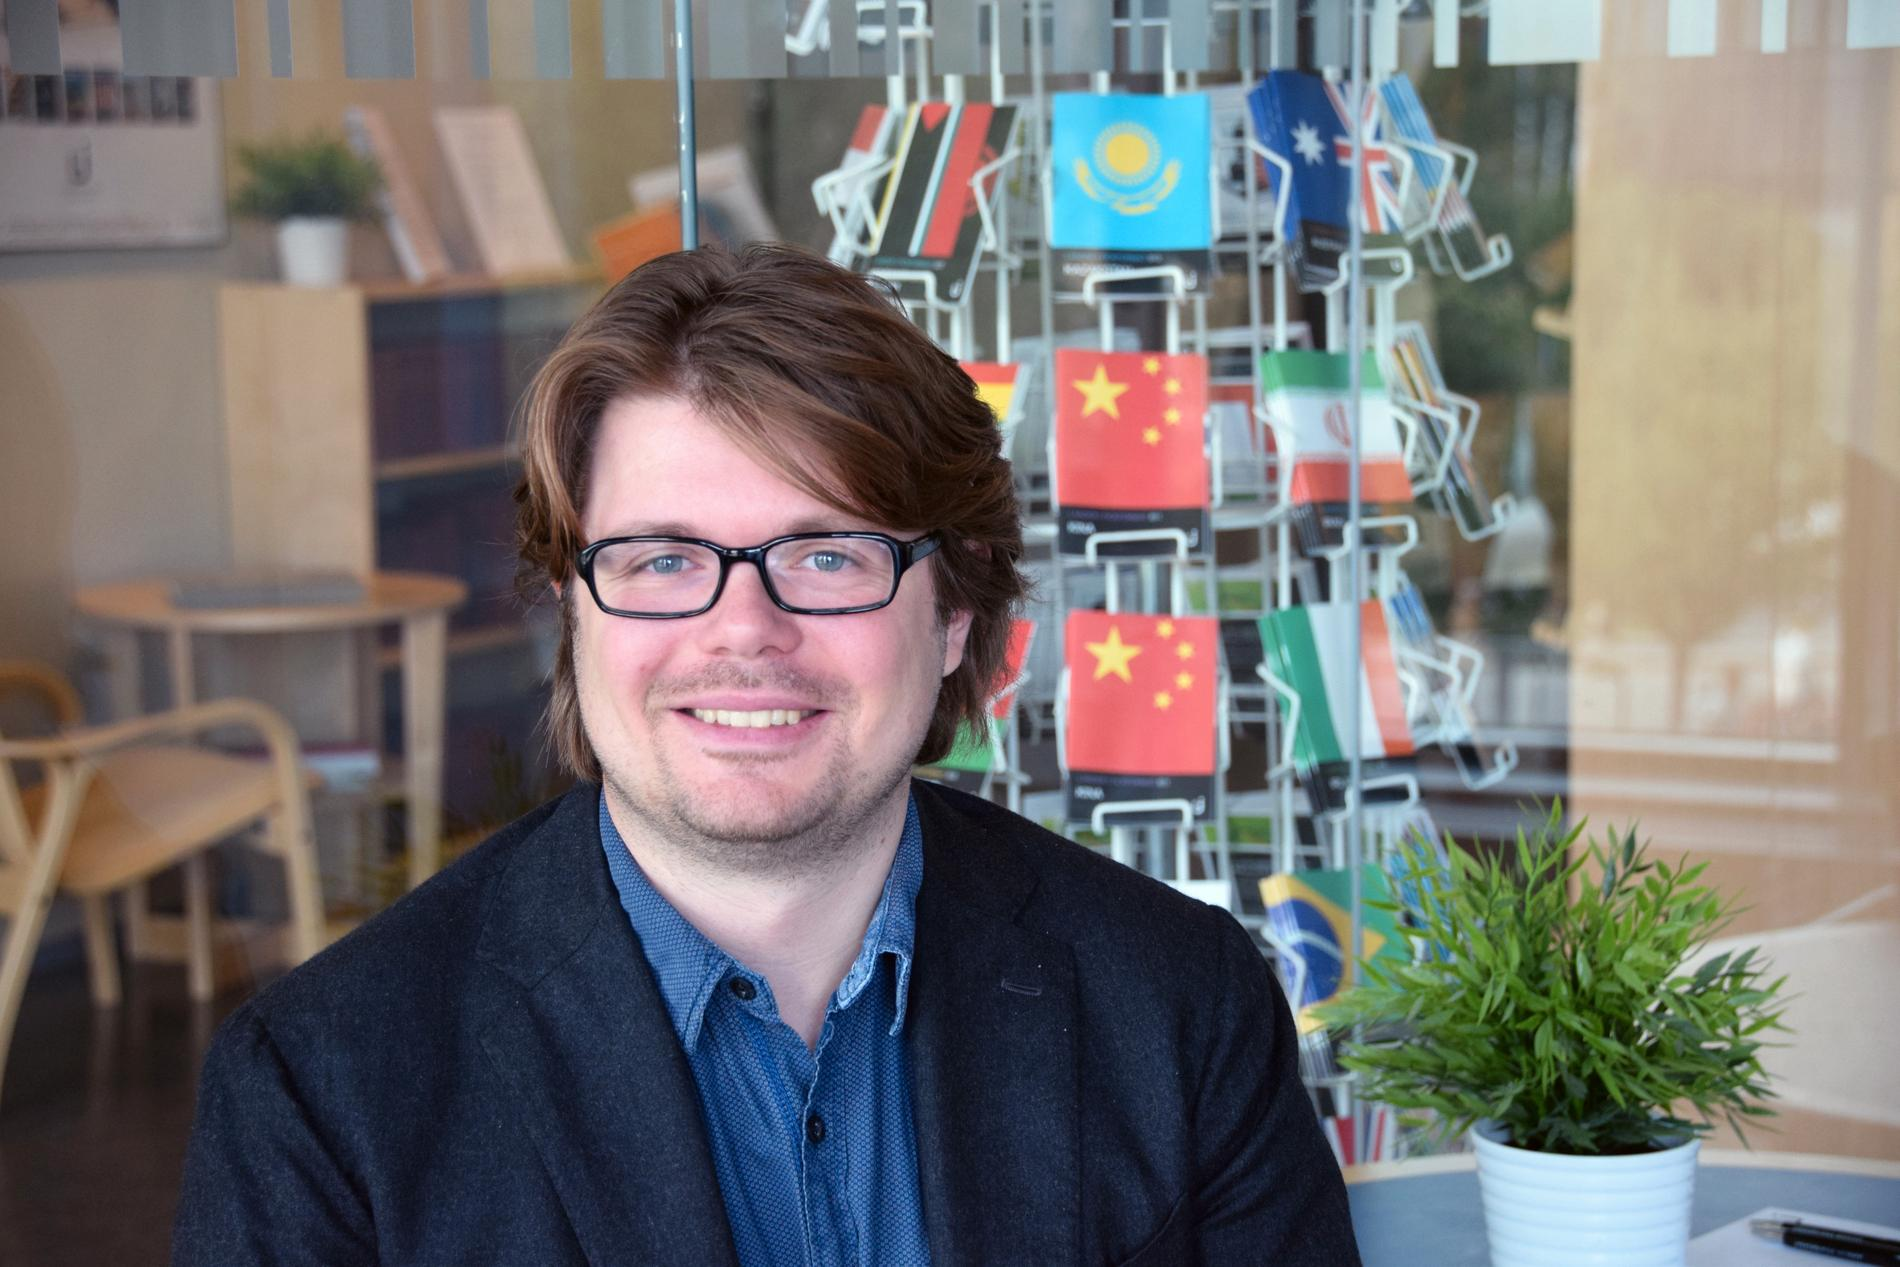 Kinakännaren Tim Rühlig befarar att Peking kommer att stärka sitt grepp om Hongkong.